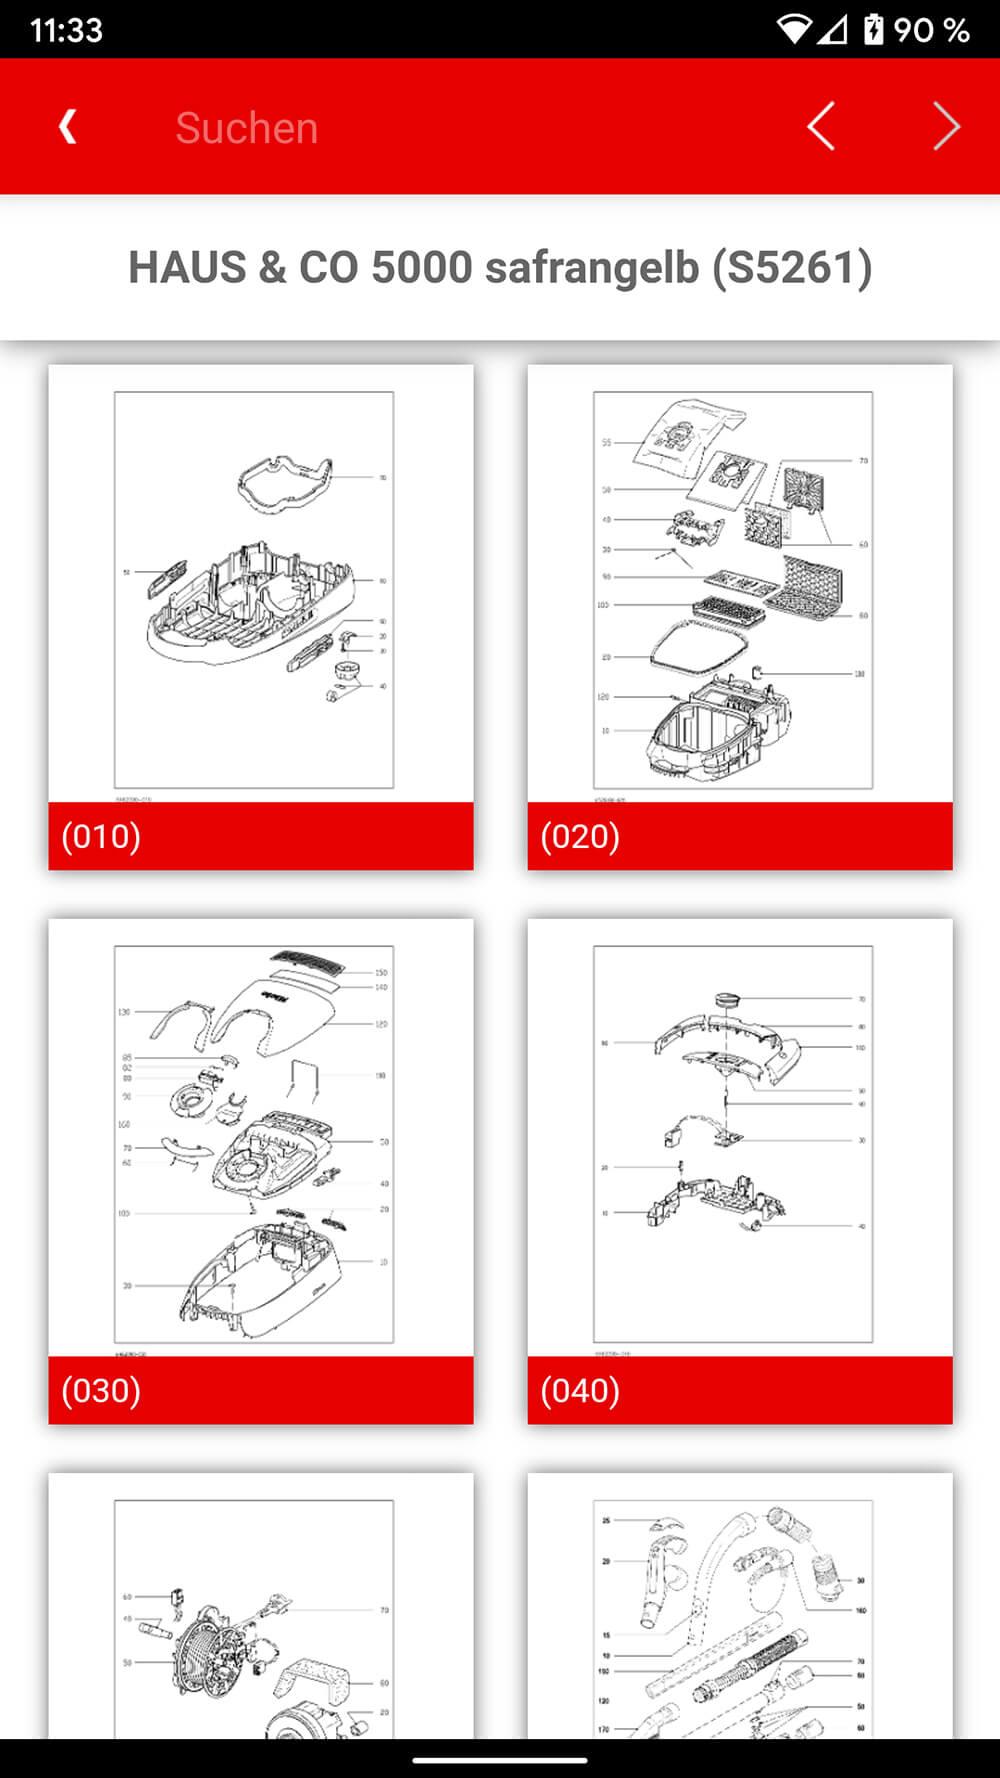 Screenshot Miele ETD-App, 6 Abbildungen von Geräteskizzen mit Nummerierungen